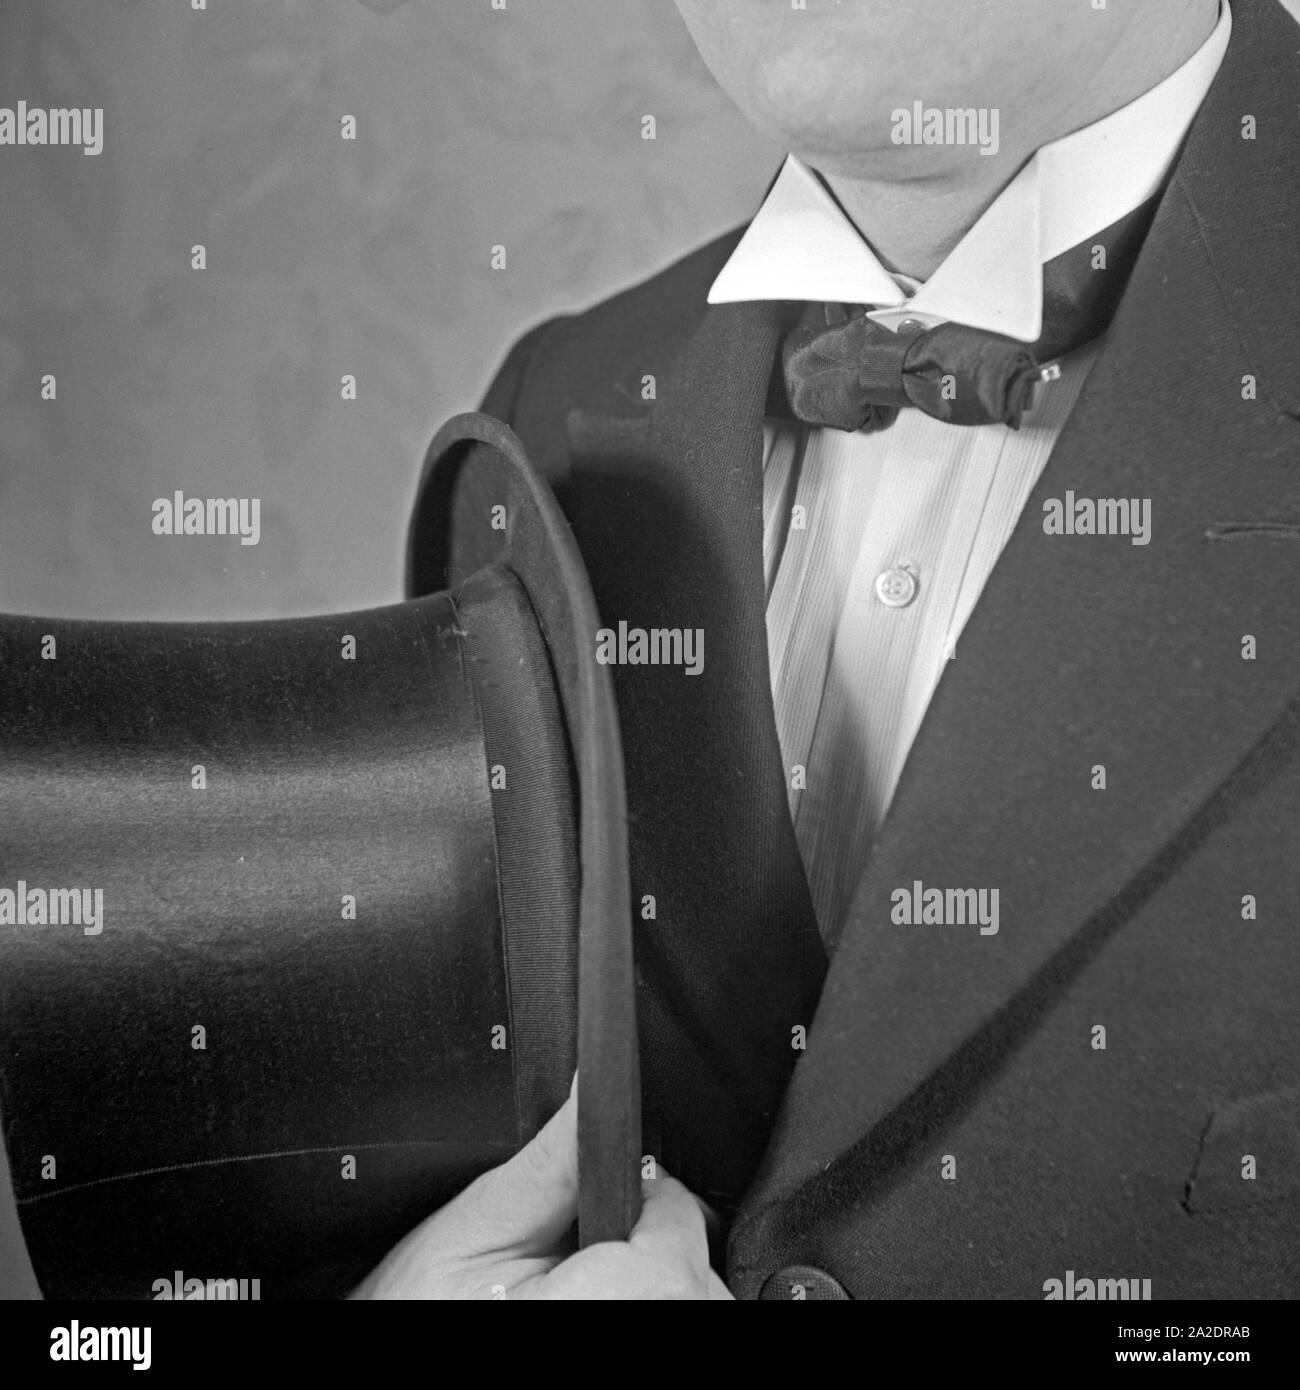 Krawattenmode, Deutschland 1930er Jahre. Tie fashion, Germany 1930s. Stock Photo